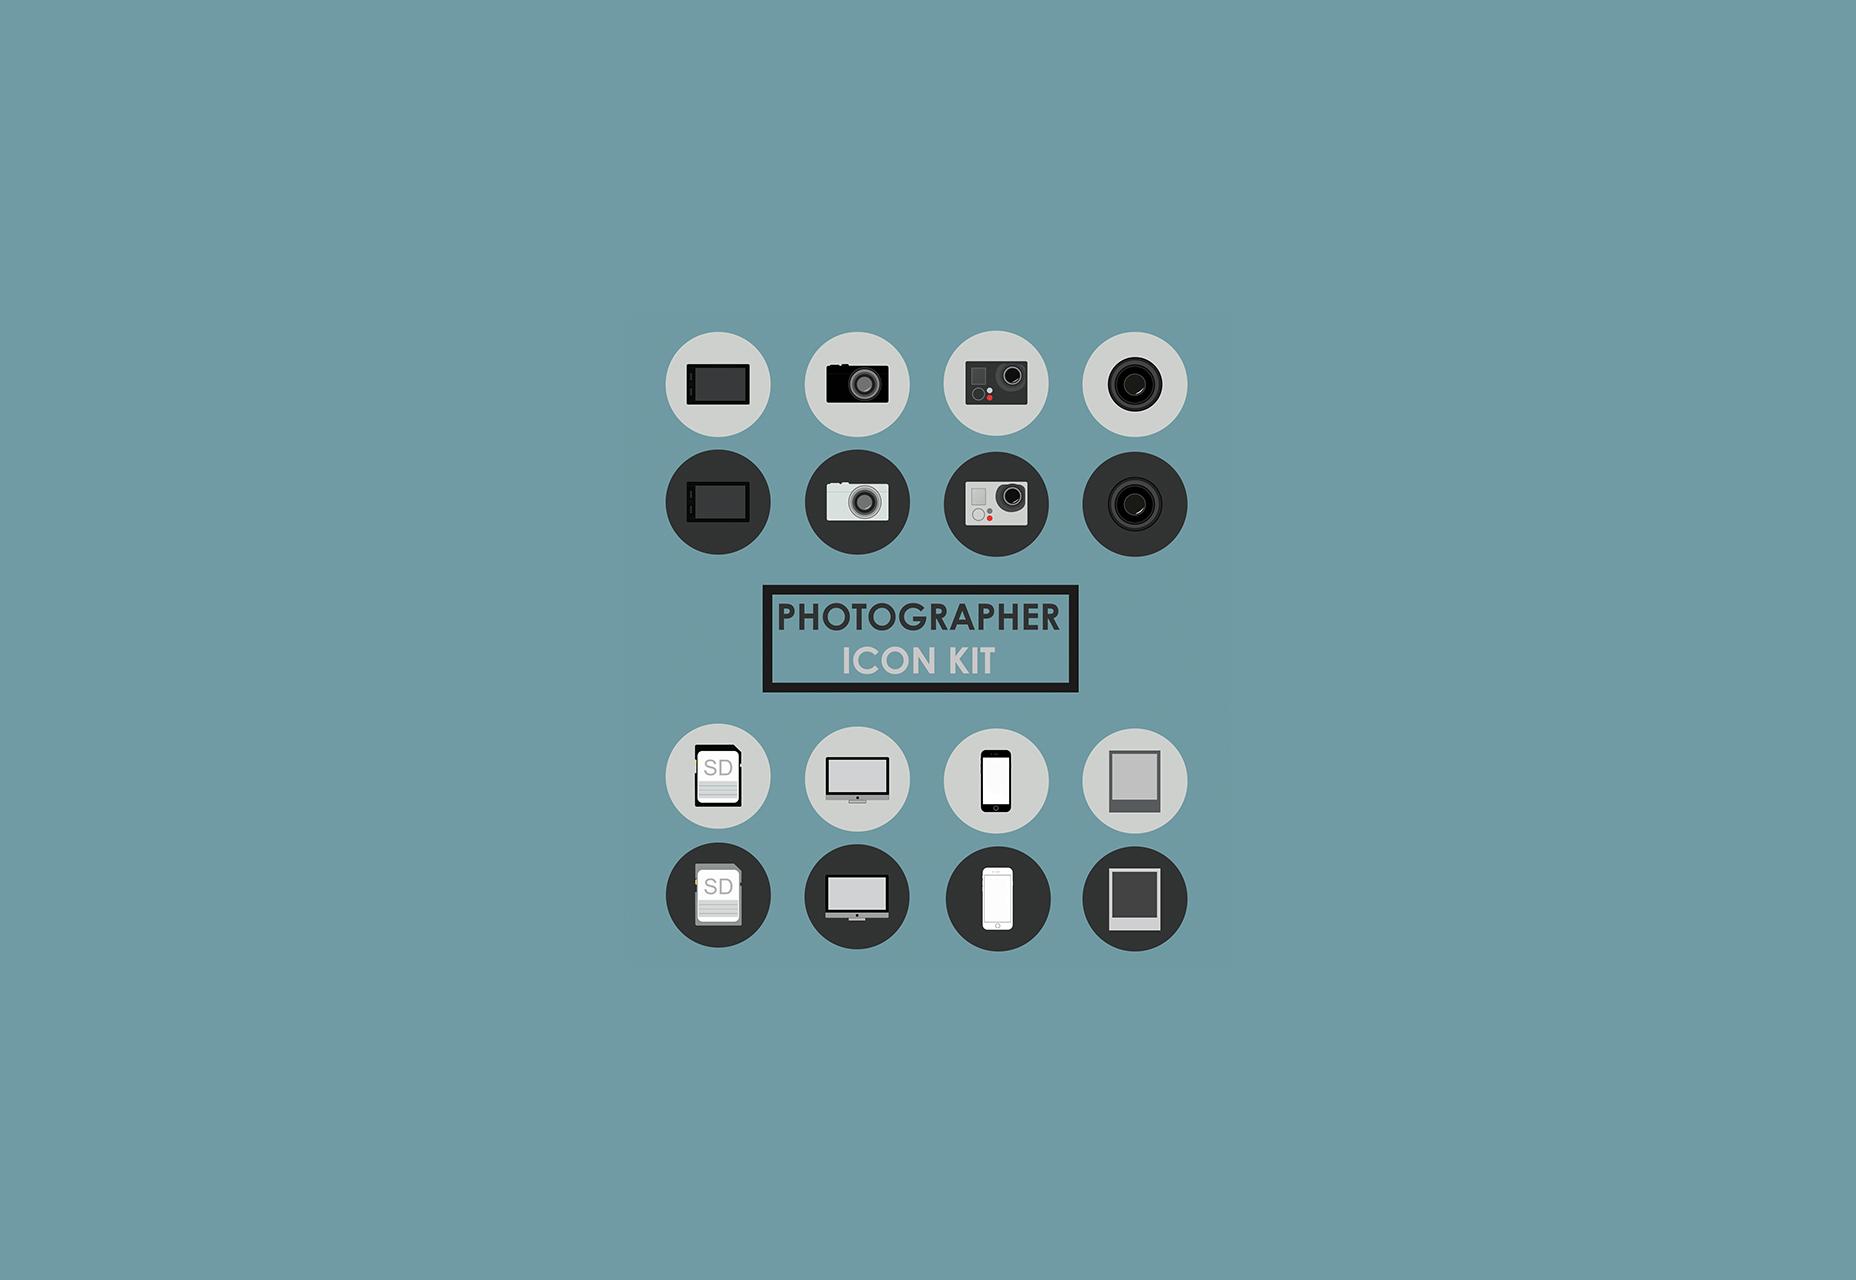 Kit de iconos de PSD de fotógrafo gratis